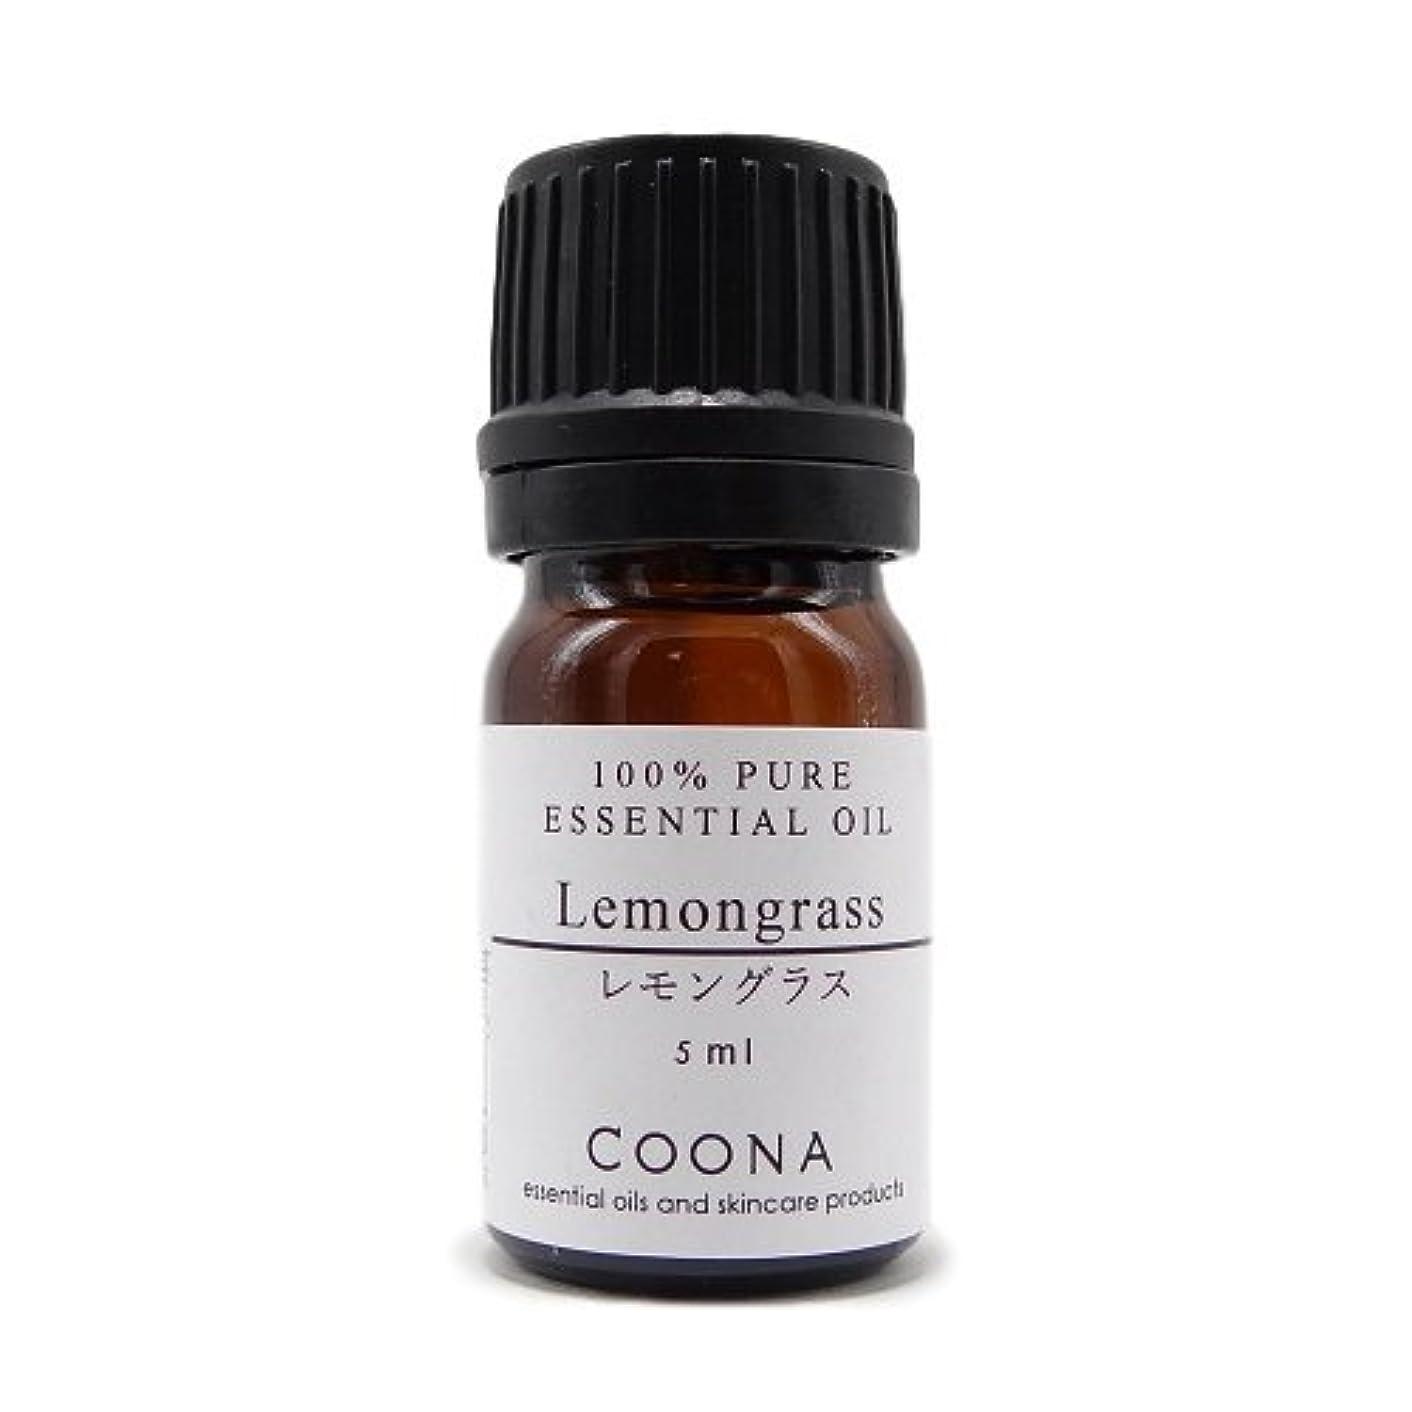 薄いです彼厚くするレモングラス 5ml (COONA エッセンシャルオイル アロマオイル 100%天然植物精油)